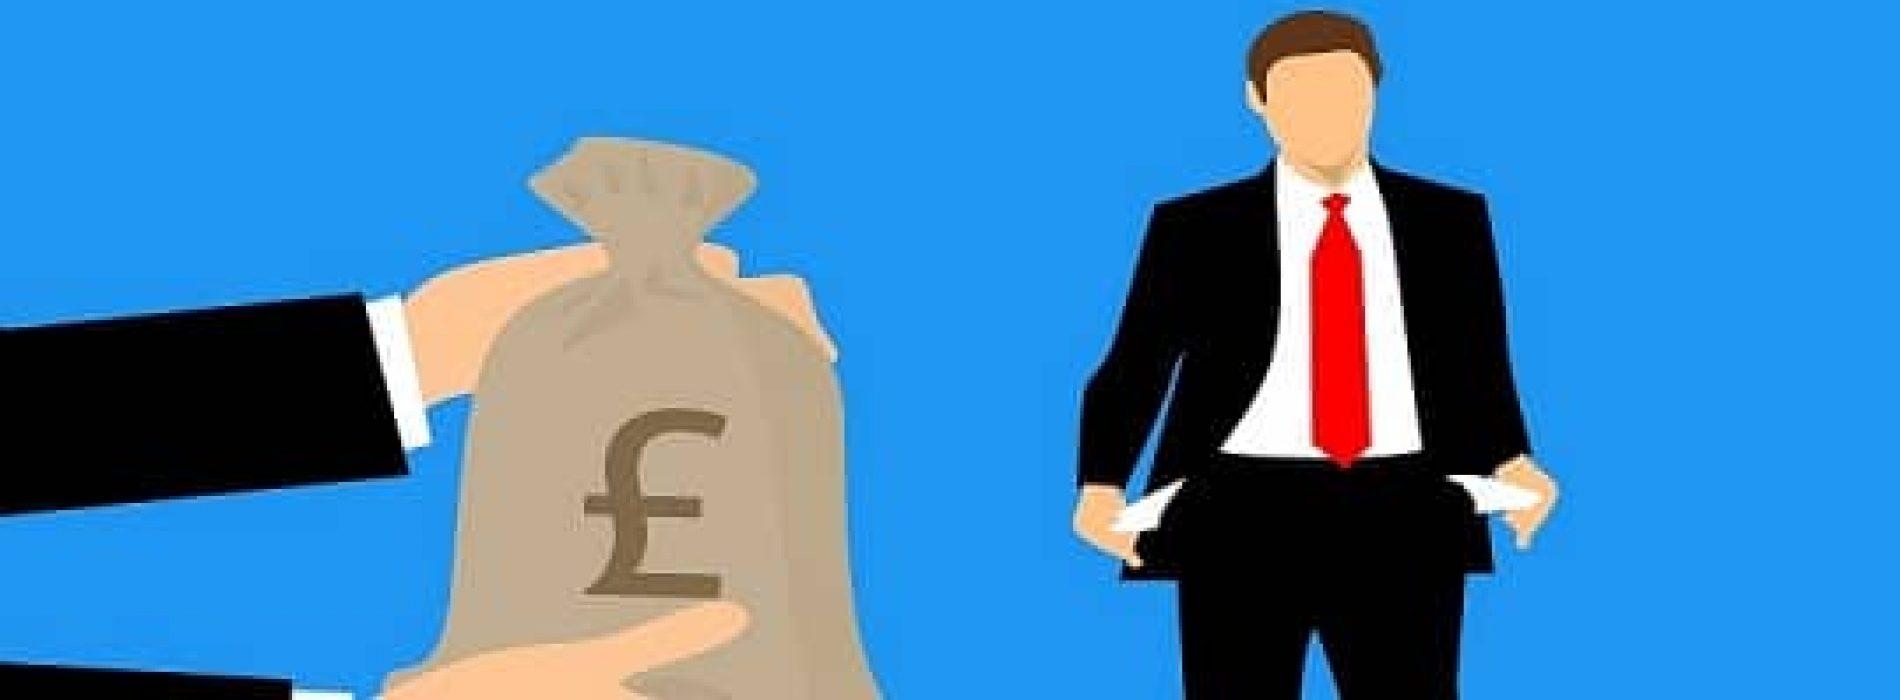 Gjennomsnittslønn i Norge – Hvilke yrker og roller tjener best?